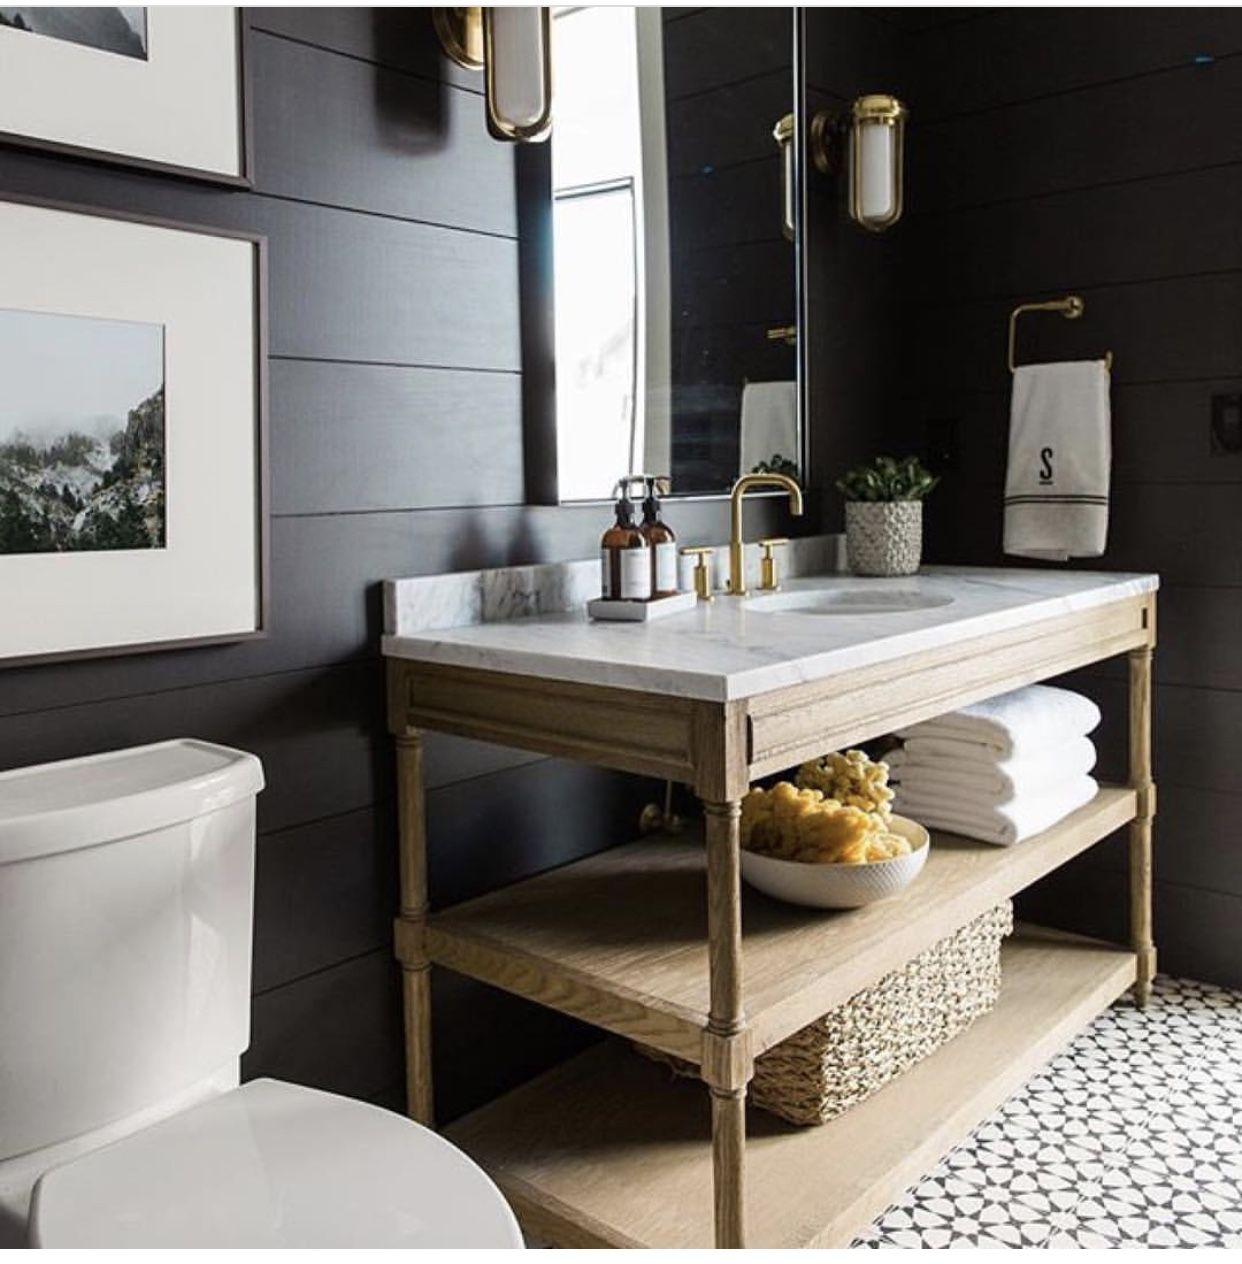 Bathrooms Image By McKenzie Kuehnlein